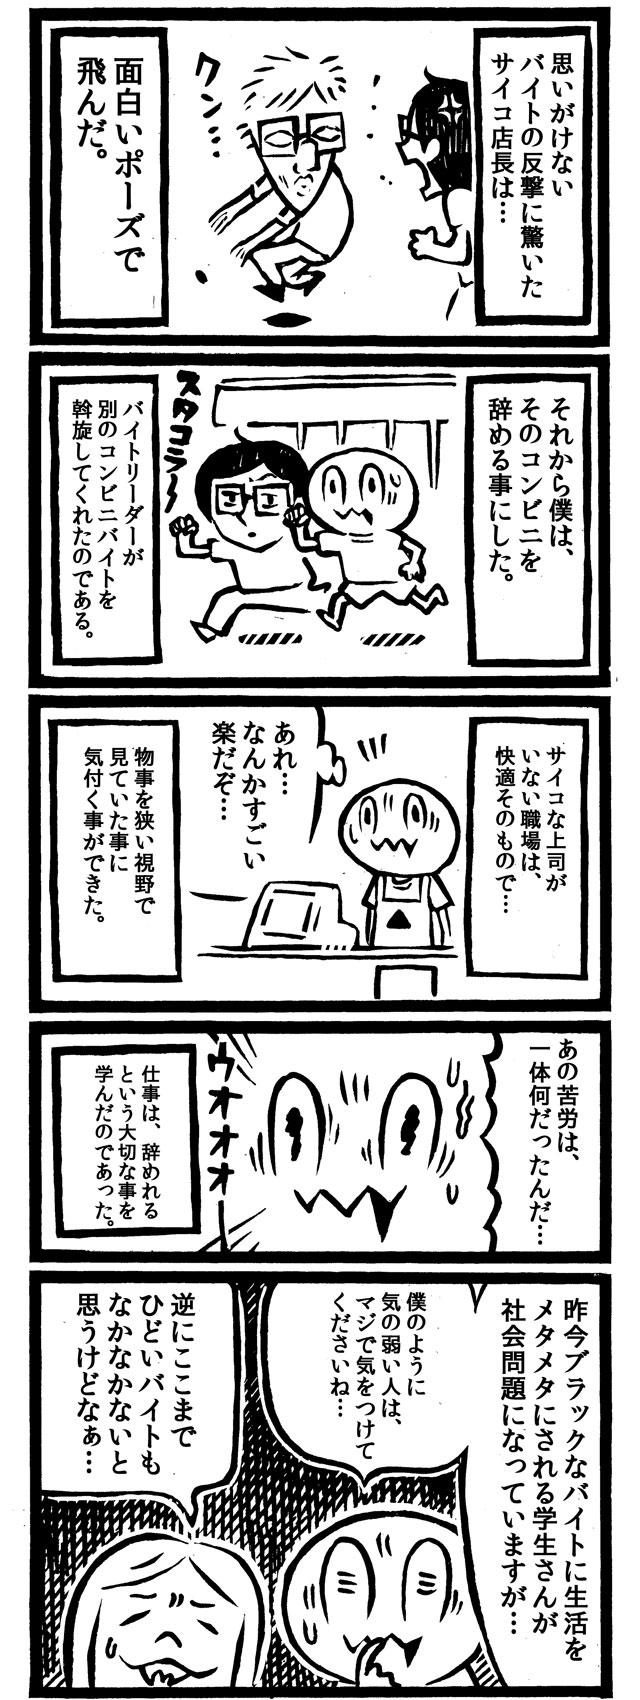 f:id:kakijiro:20150708185459j:plain